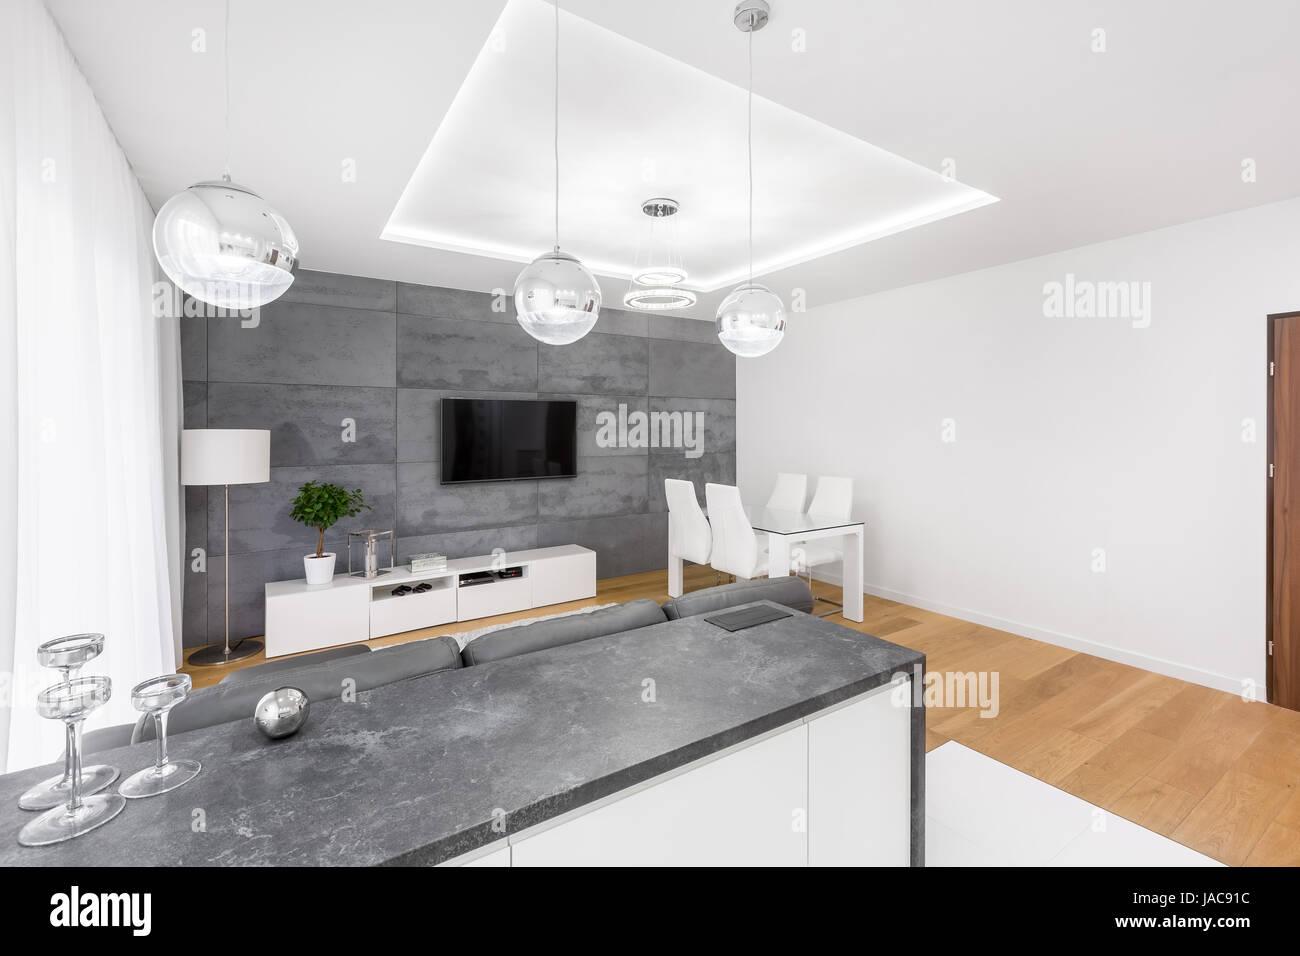 Modernes Wohnzimmer Mit Abgelegten Decke Tv Lampen Und Betonwand With Wohnzimmer  Lampen Decke